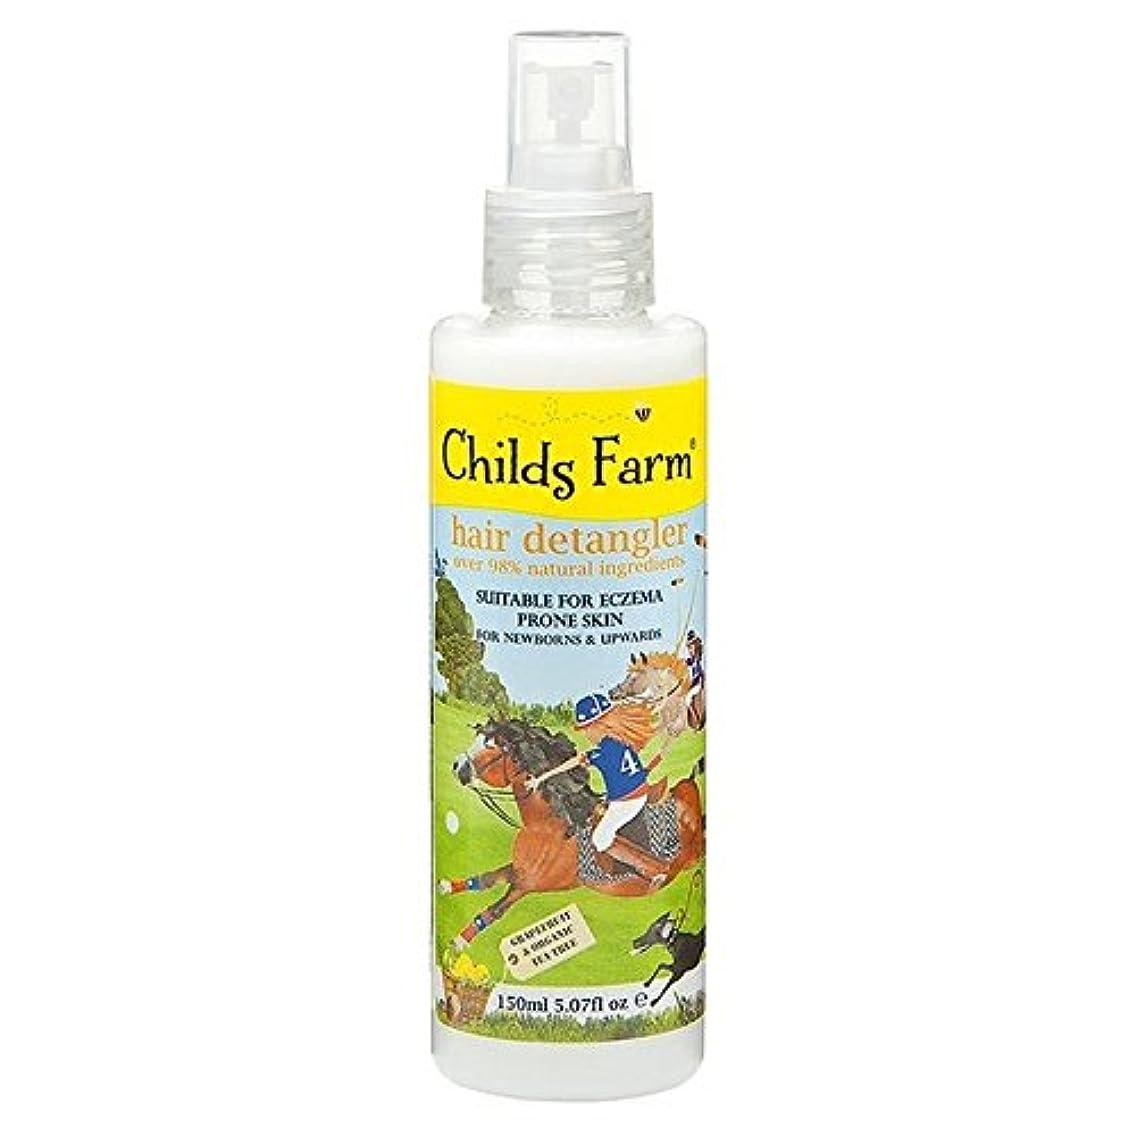 教える文献準拠Childs Farm Hair Detangler for Flowing Locks 150ml (Pack of 6) - ロックの150ミリリットルを流すためのチャイルズファームヘア x6 [並行輸入品]